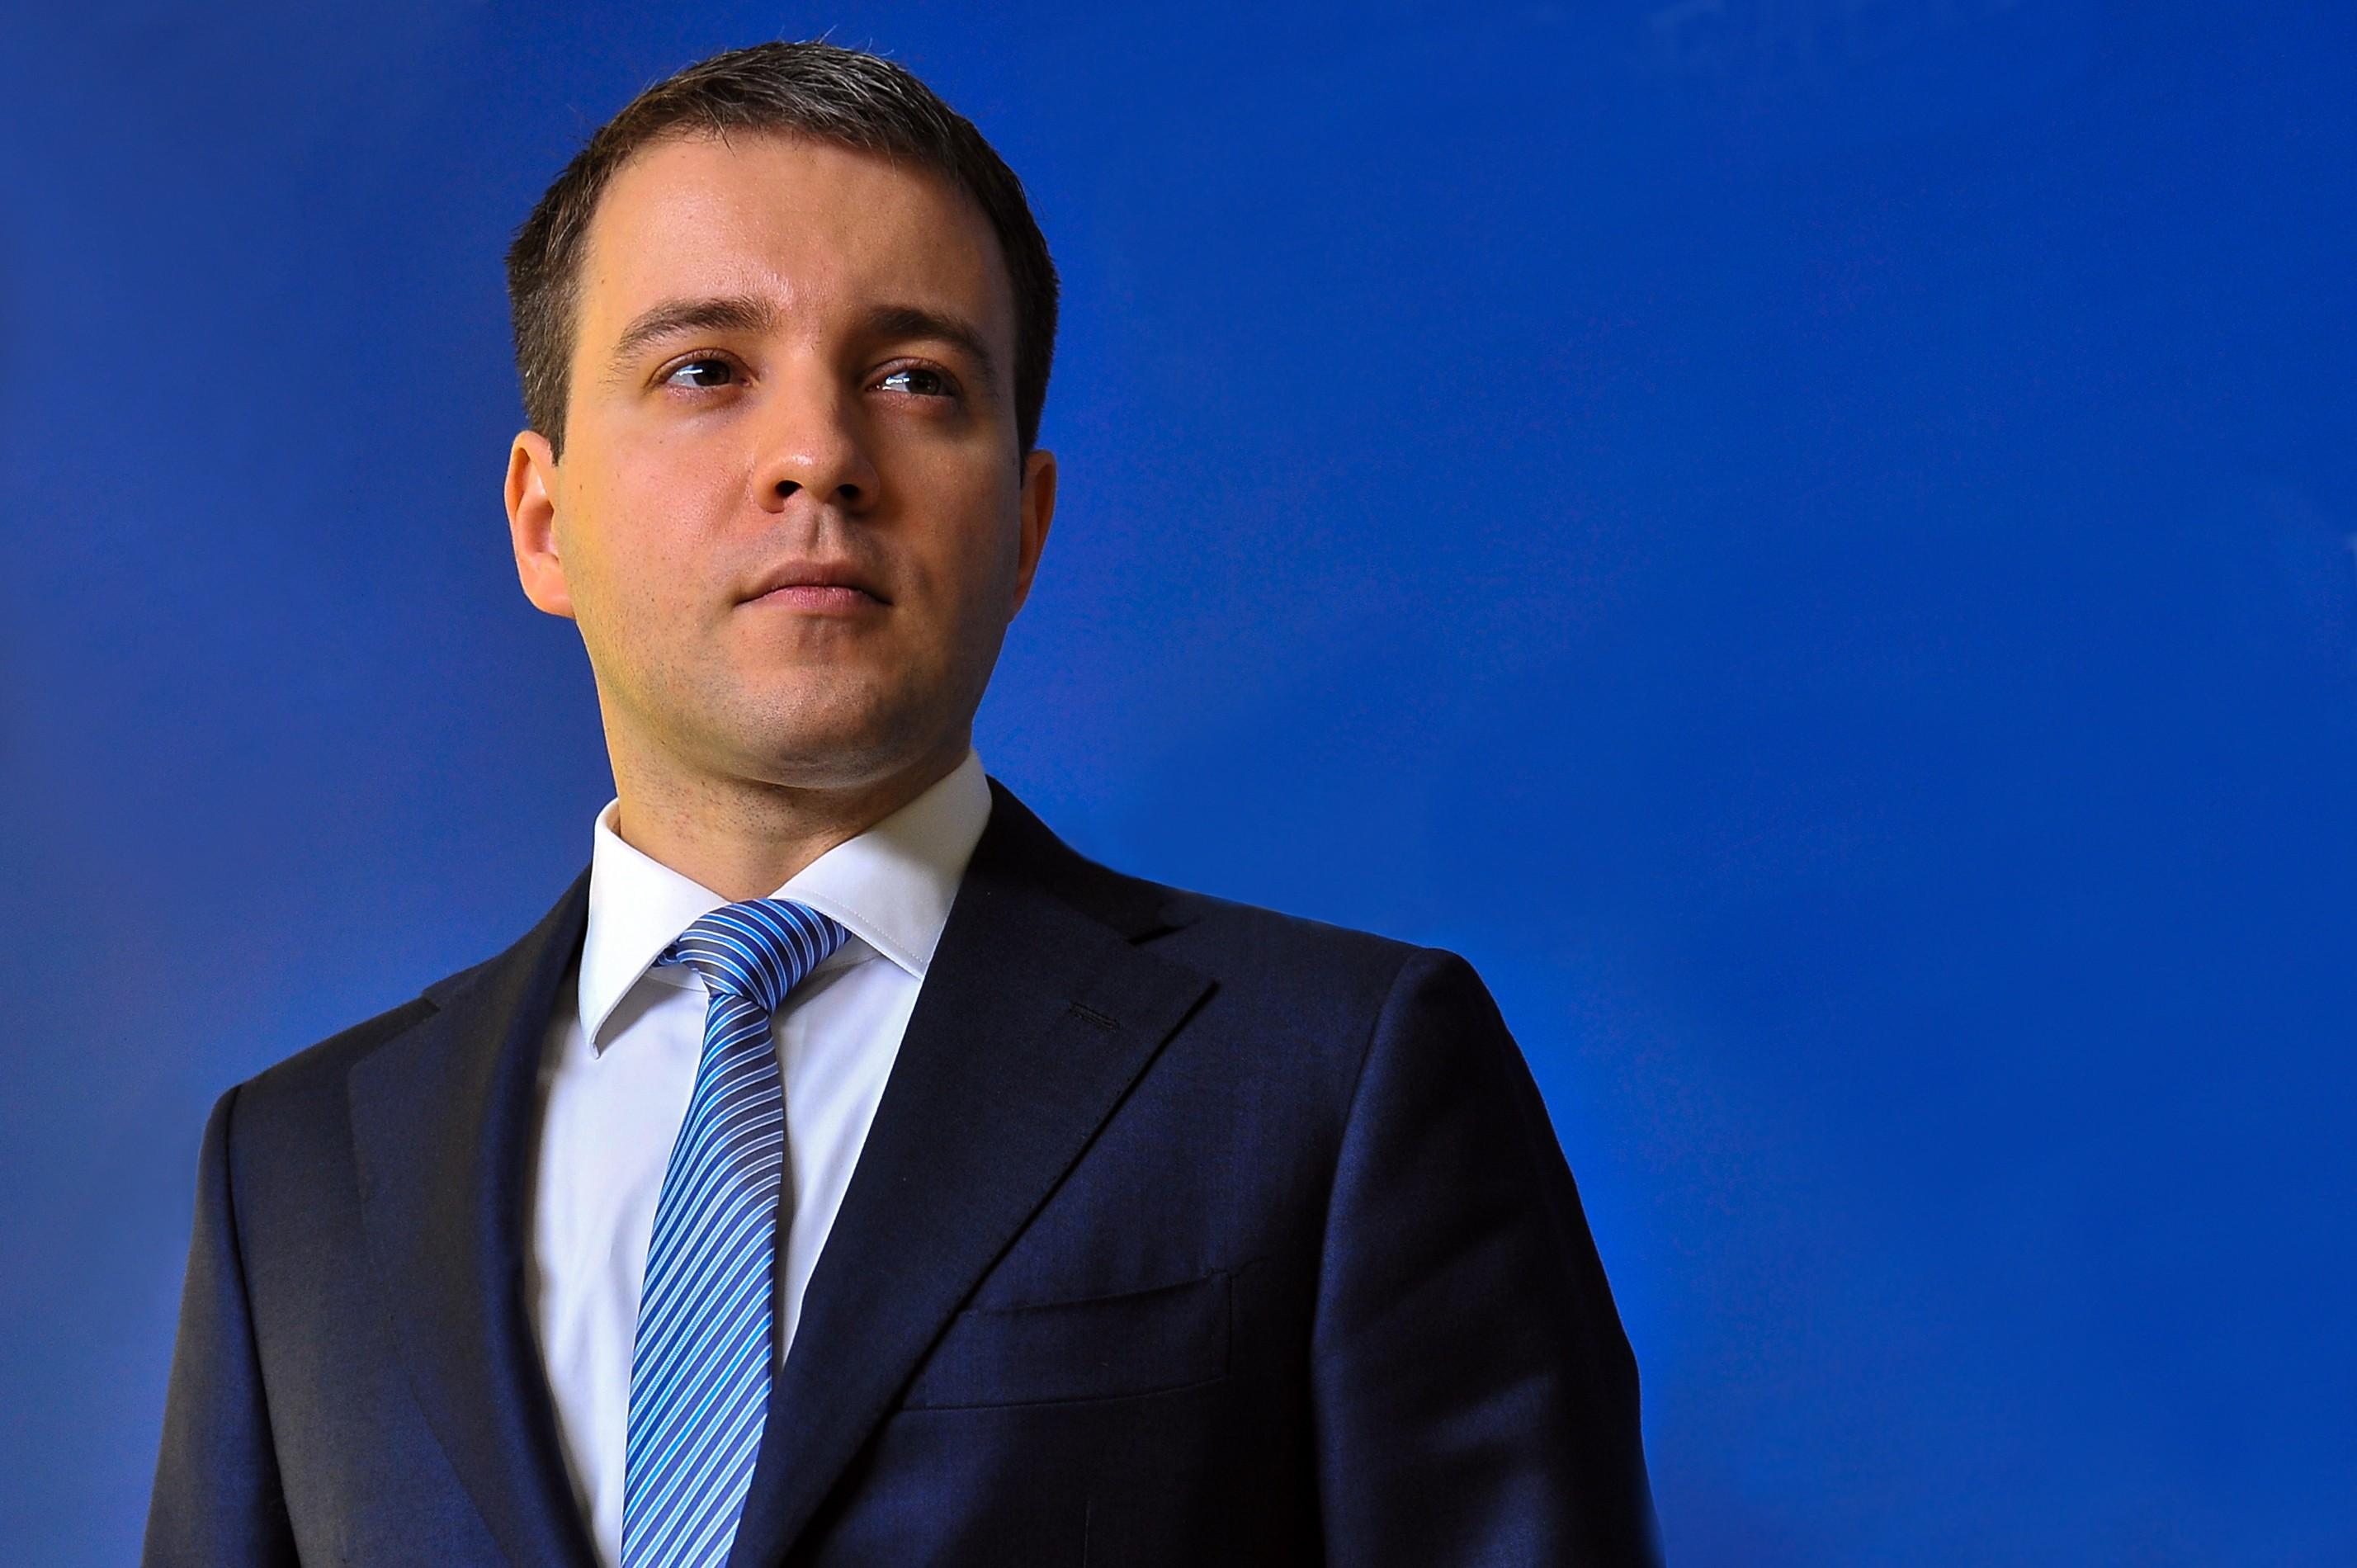 Руководитель Минкомсвязи исключил удорожание мобильной связи в2015-м году из-за «пакета Яровой»